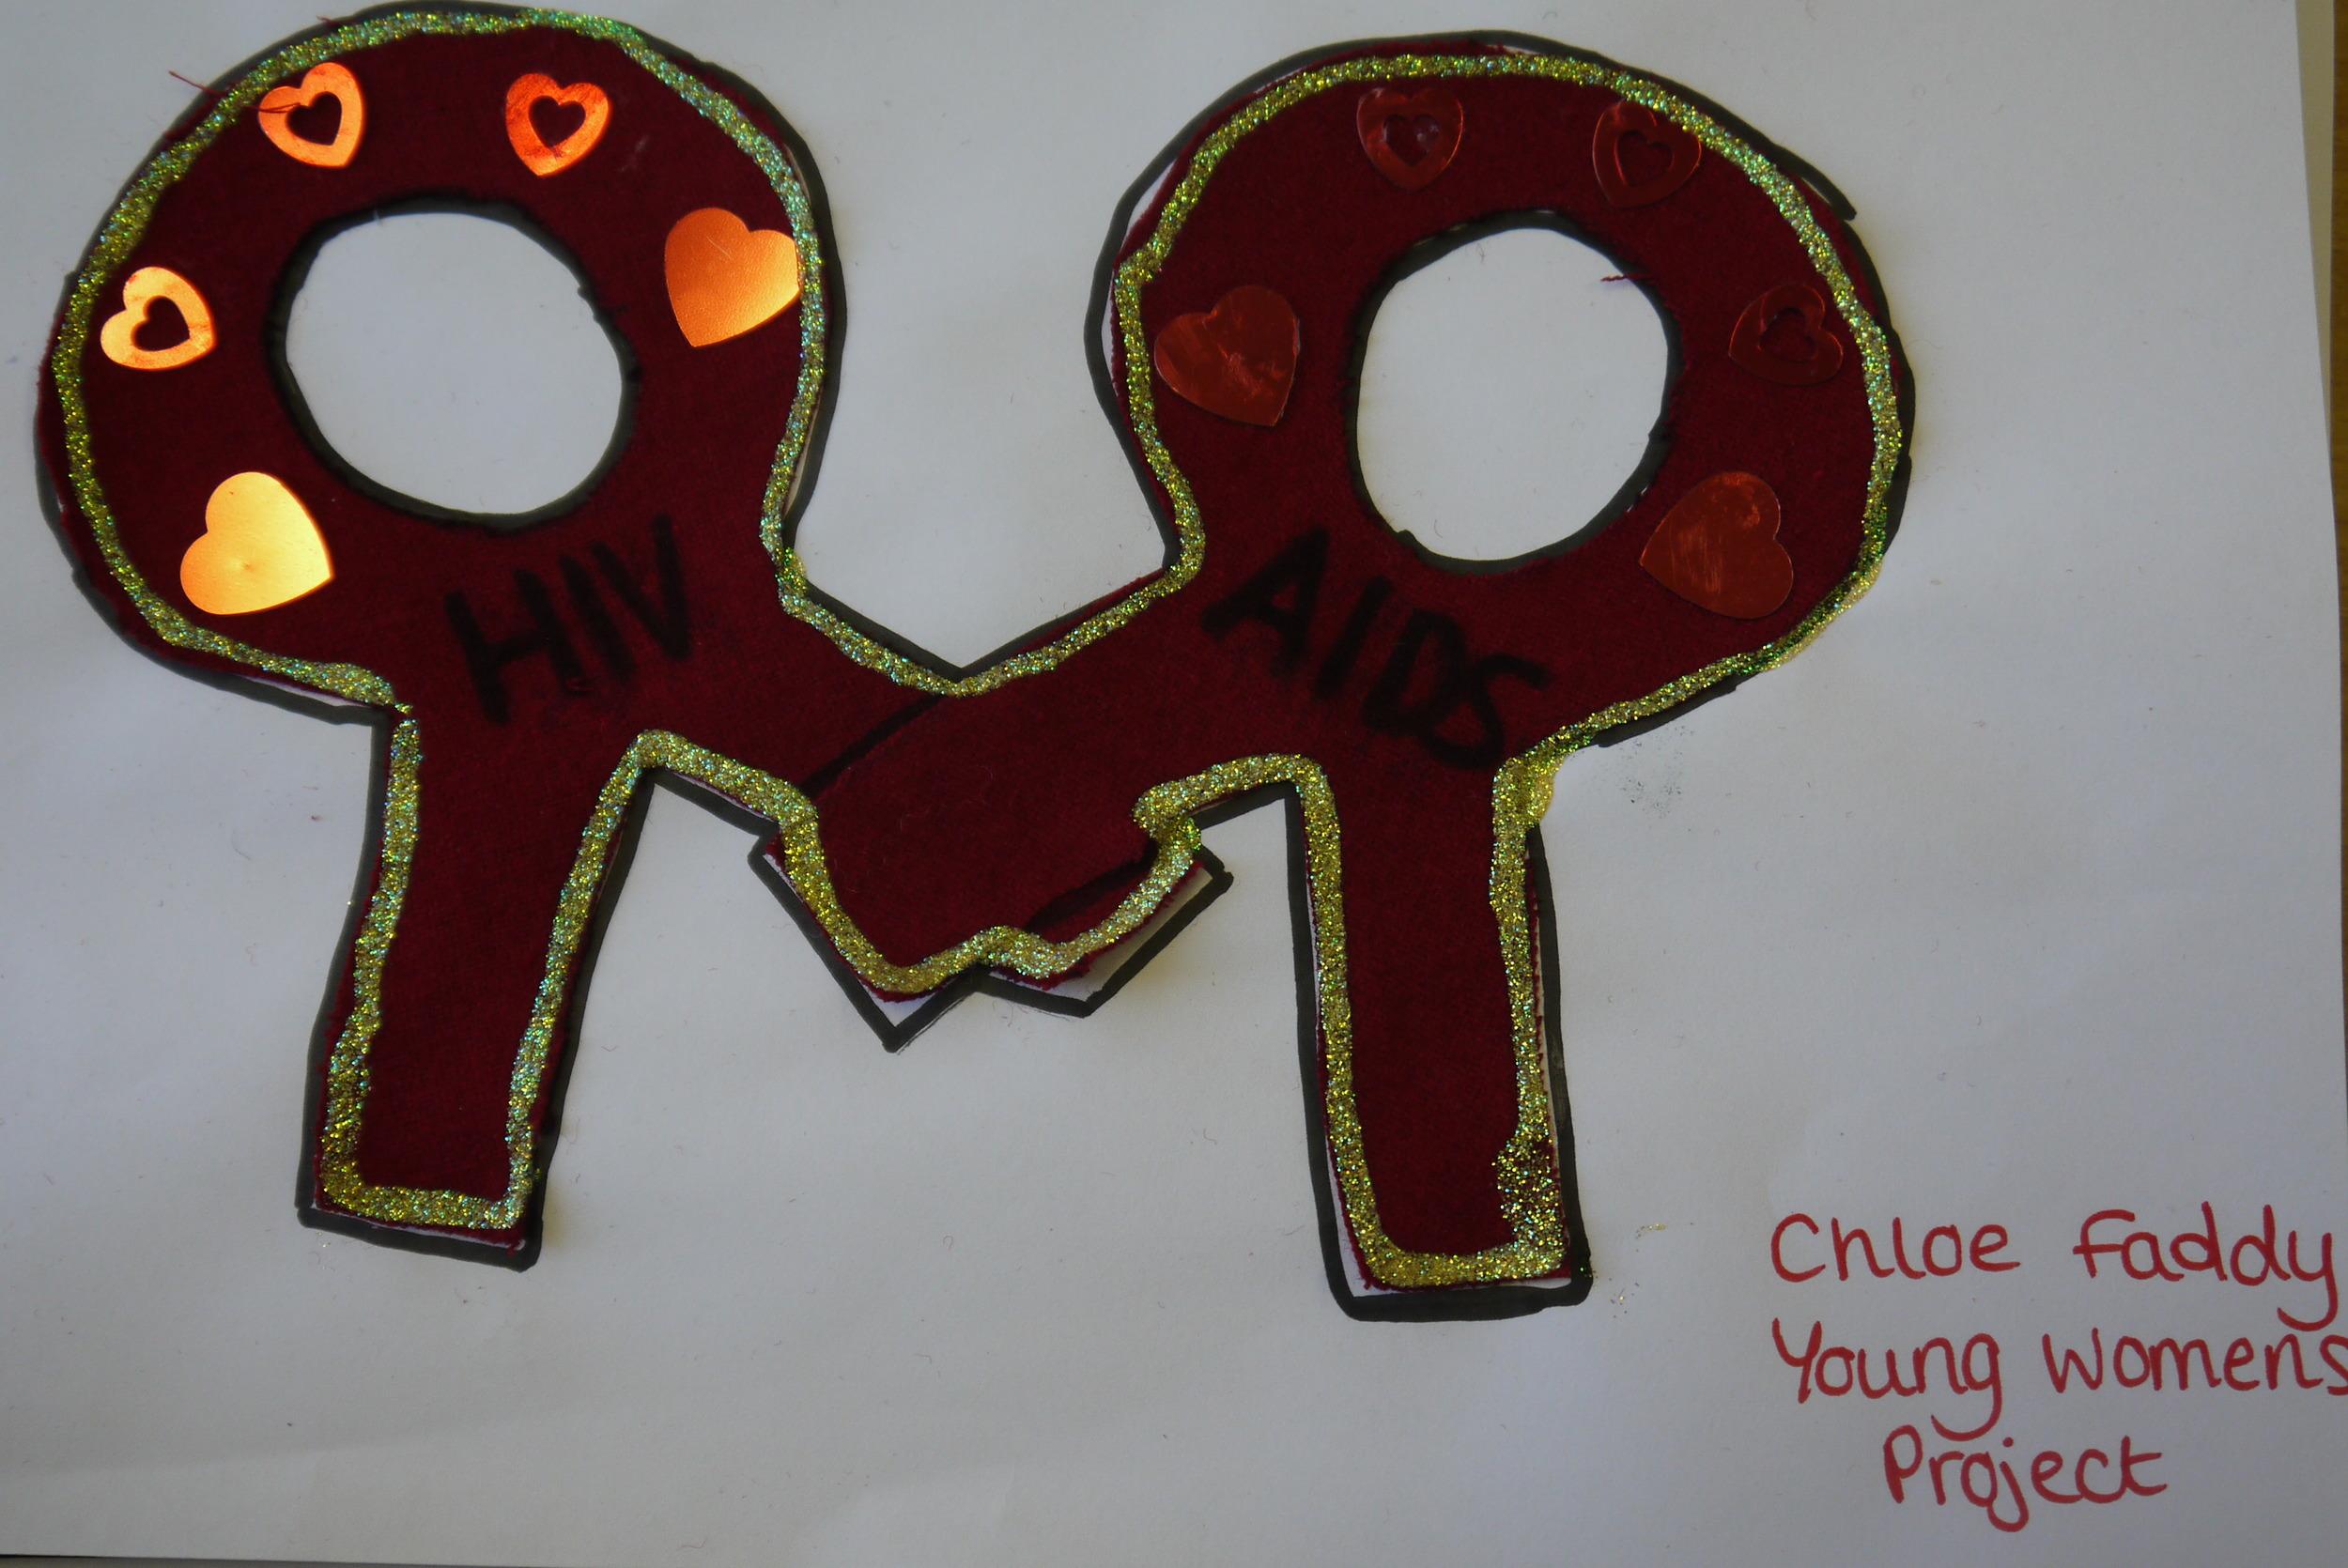 chloefaddy.JPG